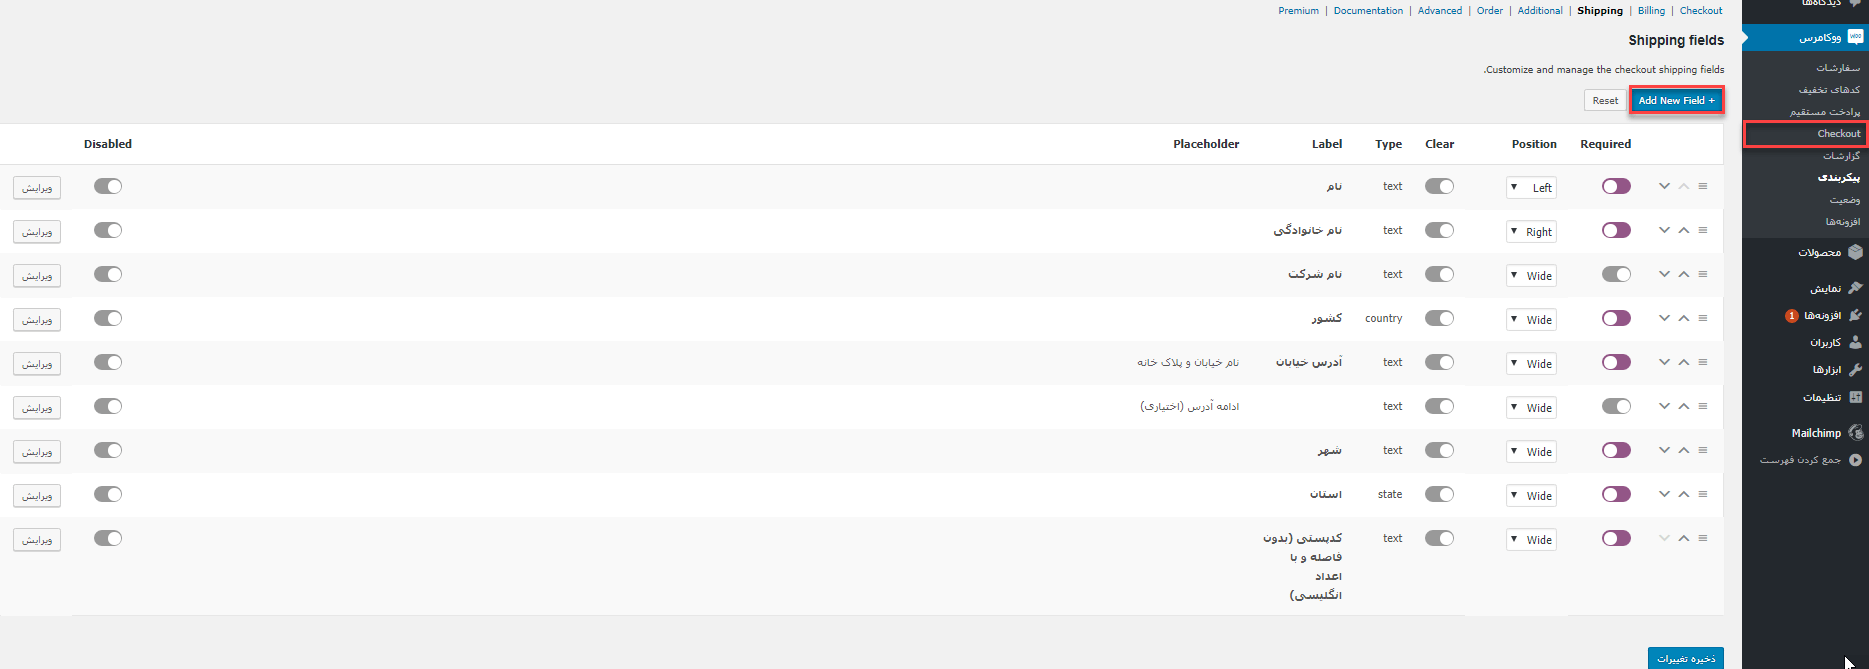 تنظیمات فیلدهای صفحه تسویه حساب ووکامرس